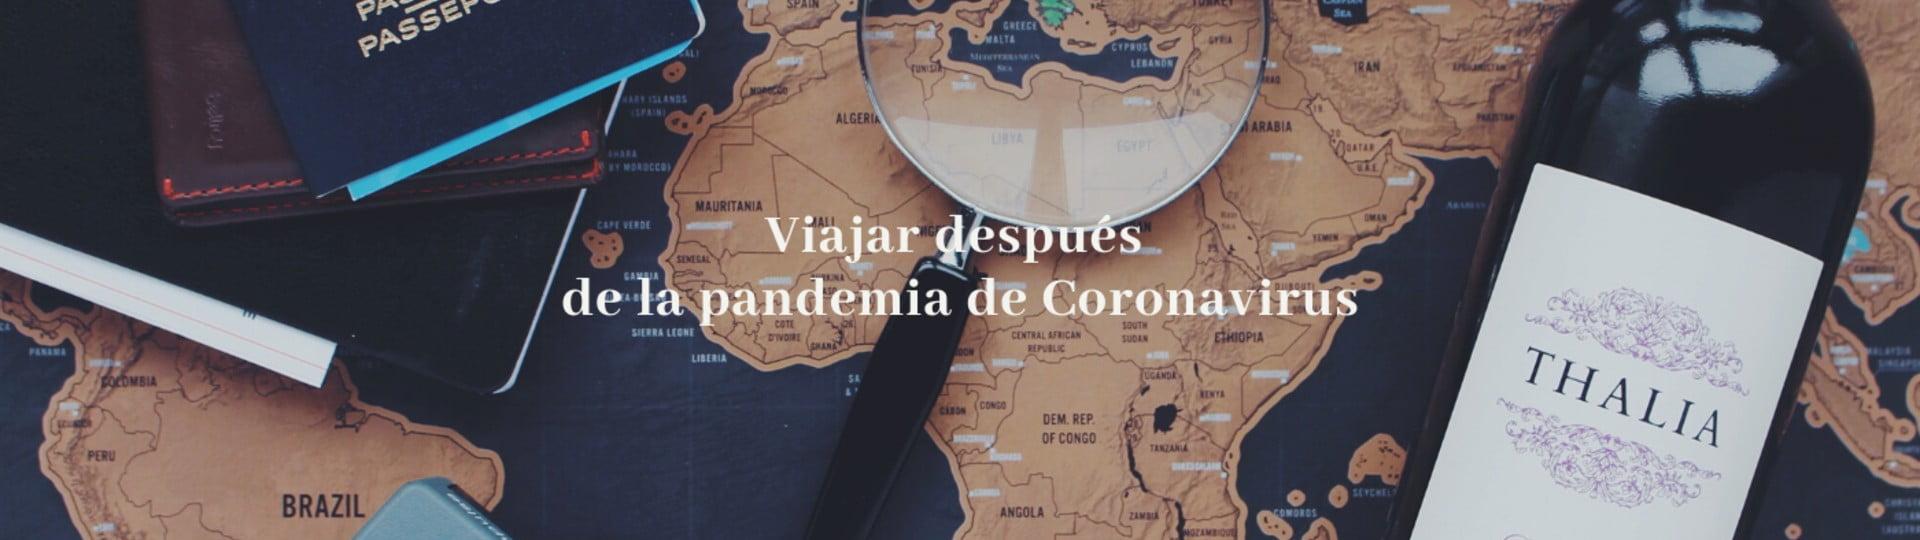 Viajar después de la pandemia de Covid19 (Coronavirus), ¿por qué no?